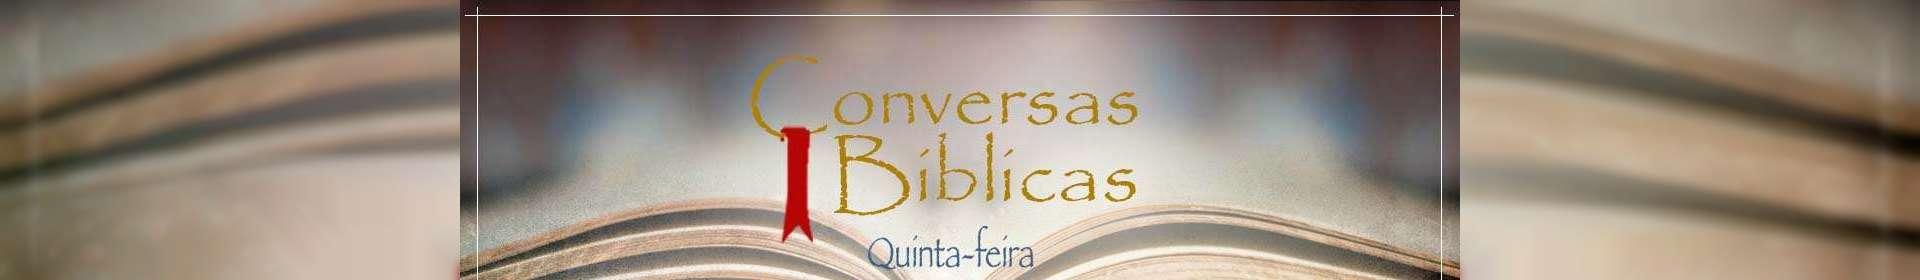 Conversas Bíblicas: Clamor pelo sangue de Jesus - Parte 2